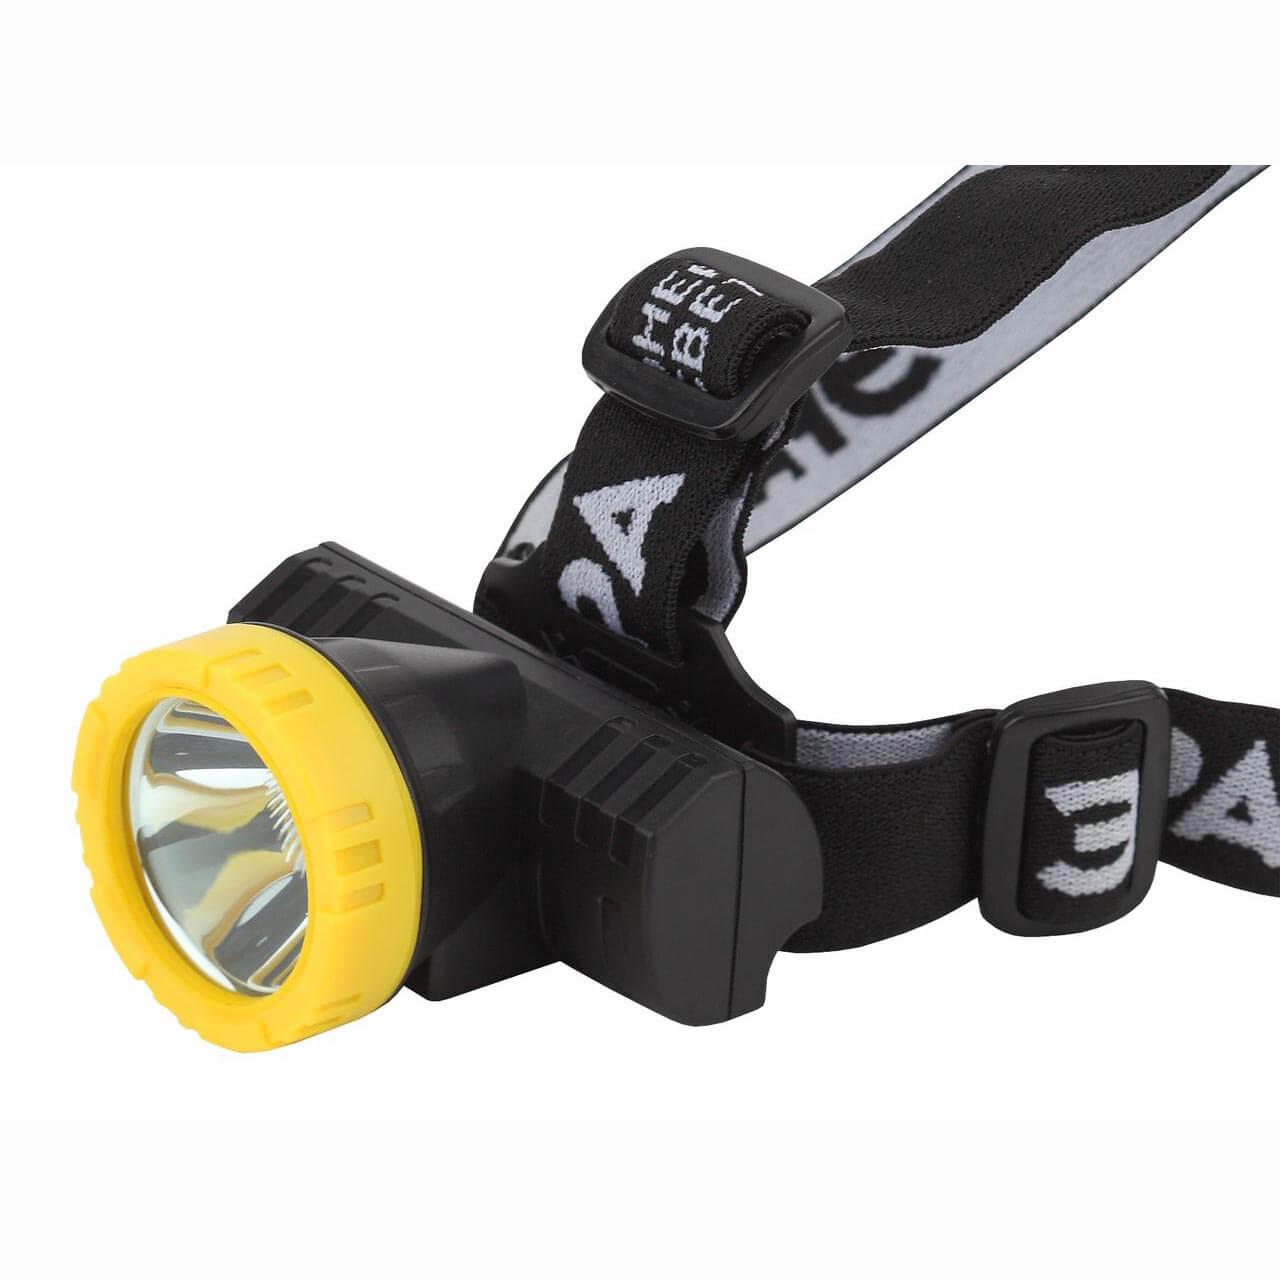 Фото - Фонарик ЭРА GA-802 Практик (USB зарядное устройство) фонарик эра va 801 usb зарядное устройство